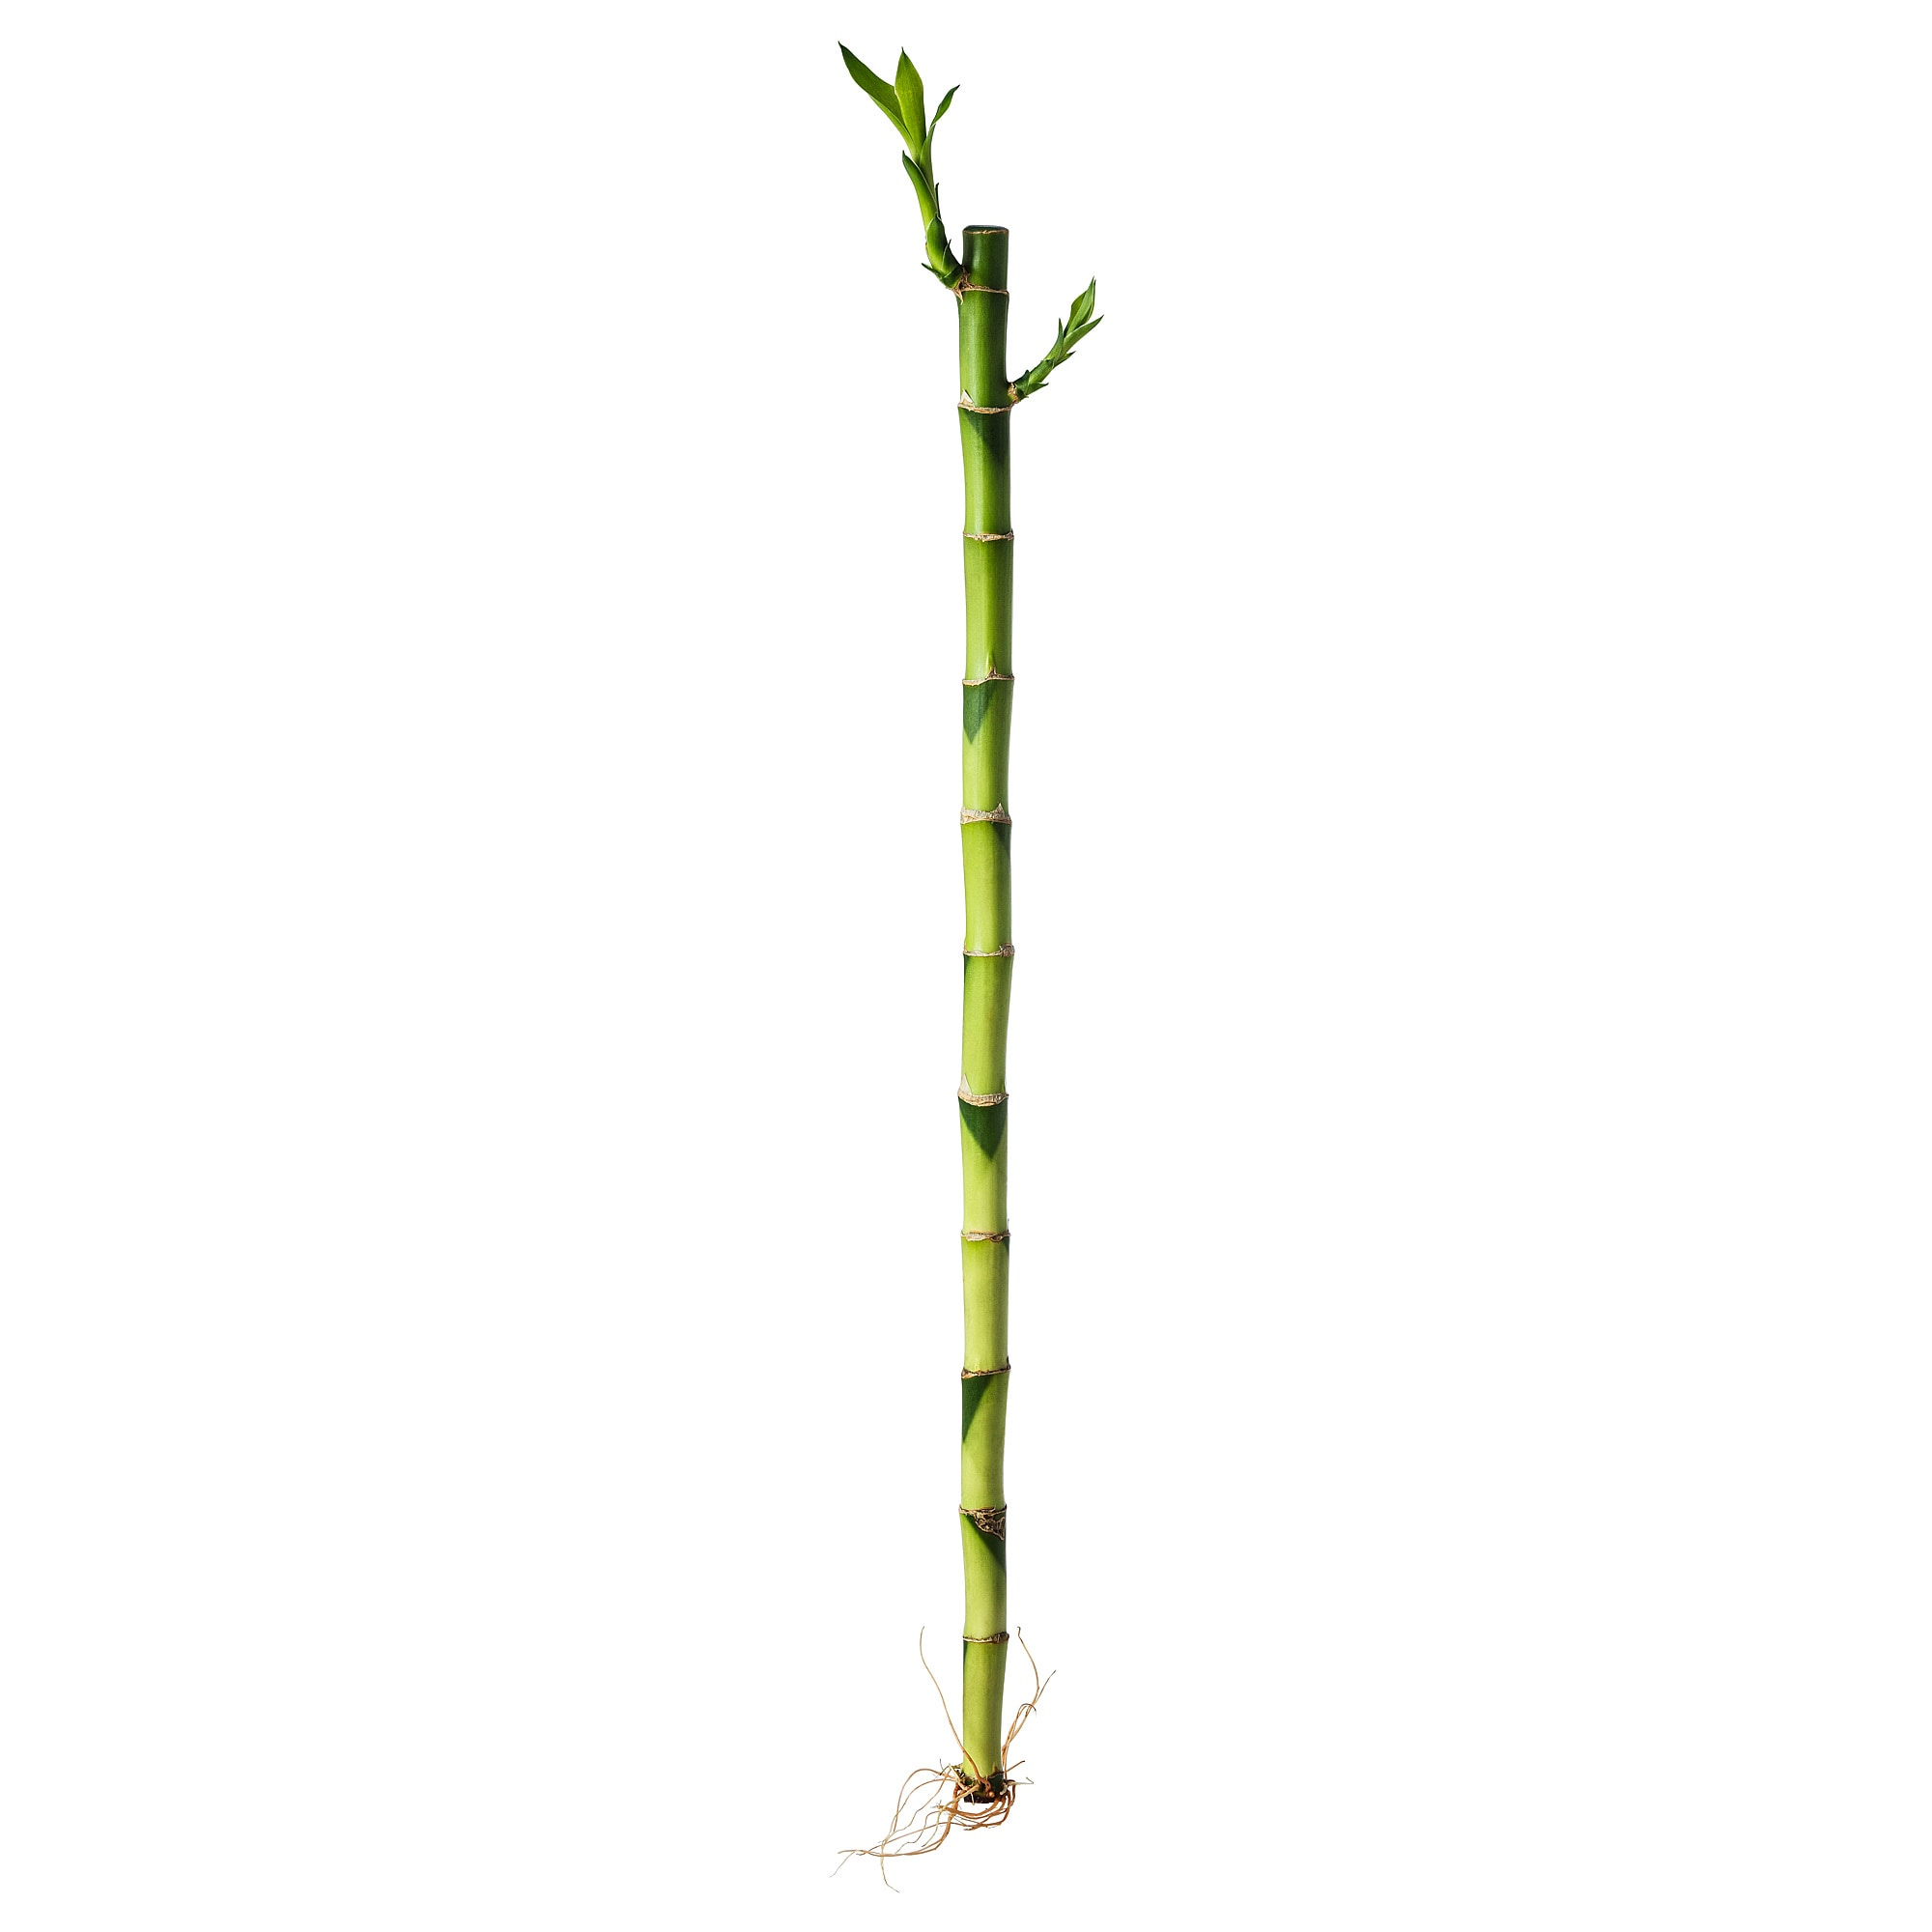 Купить Растение ДРАЦЕНА, Драцена Сандера в IKEA (Минск). Цена, фото и отзывы. Официальный сайт интернет магазина. Быстрая